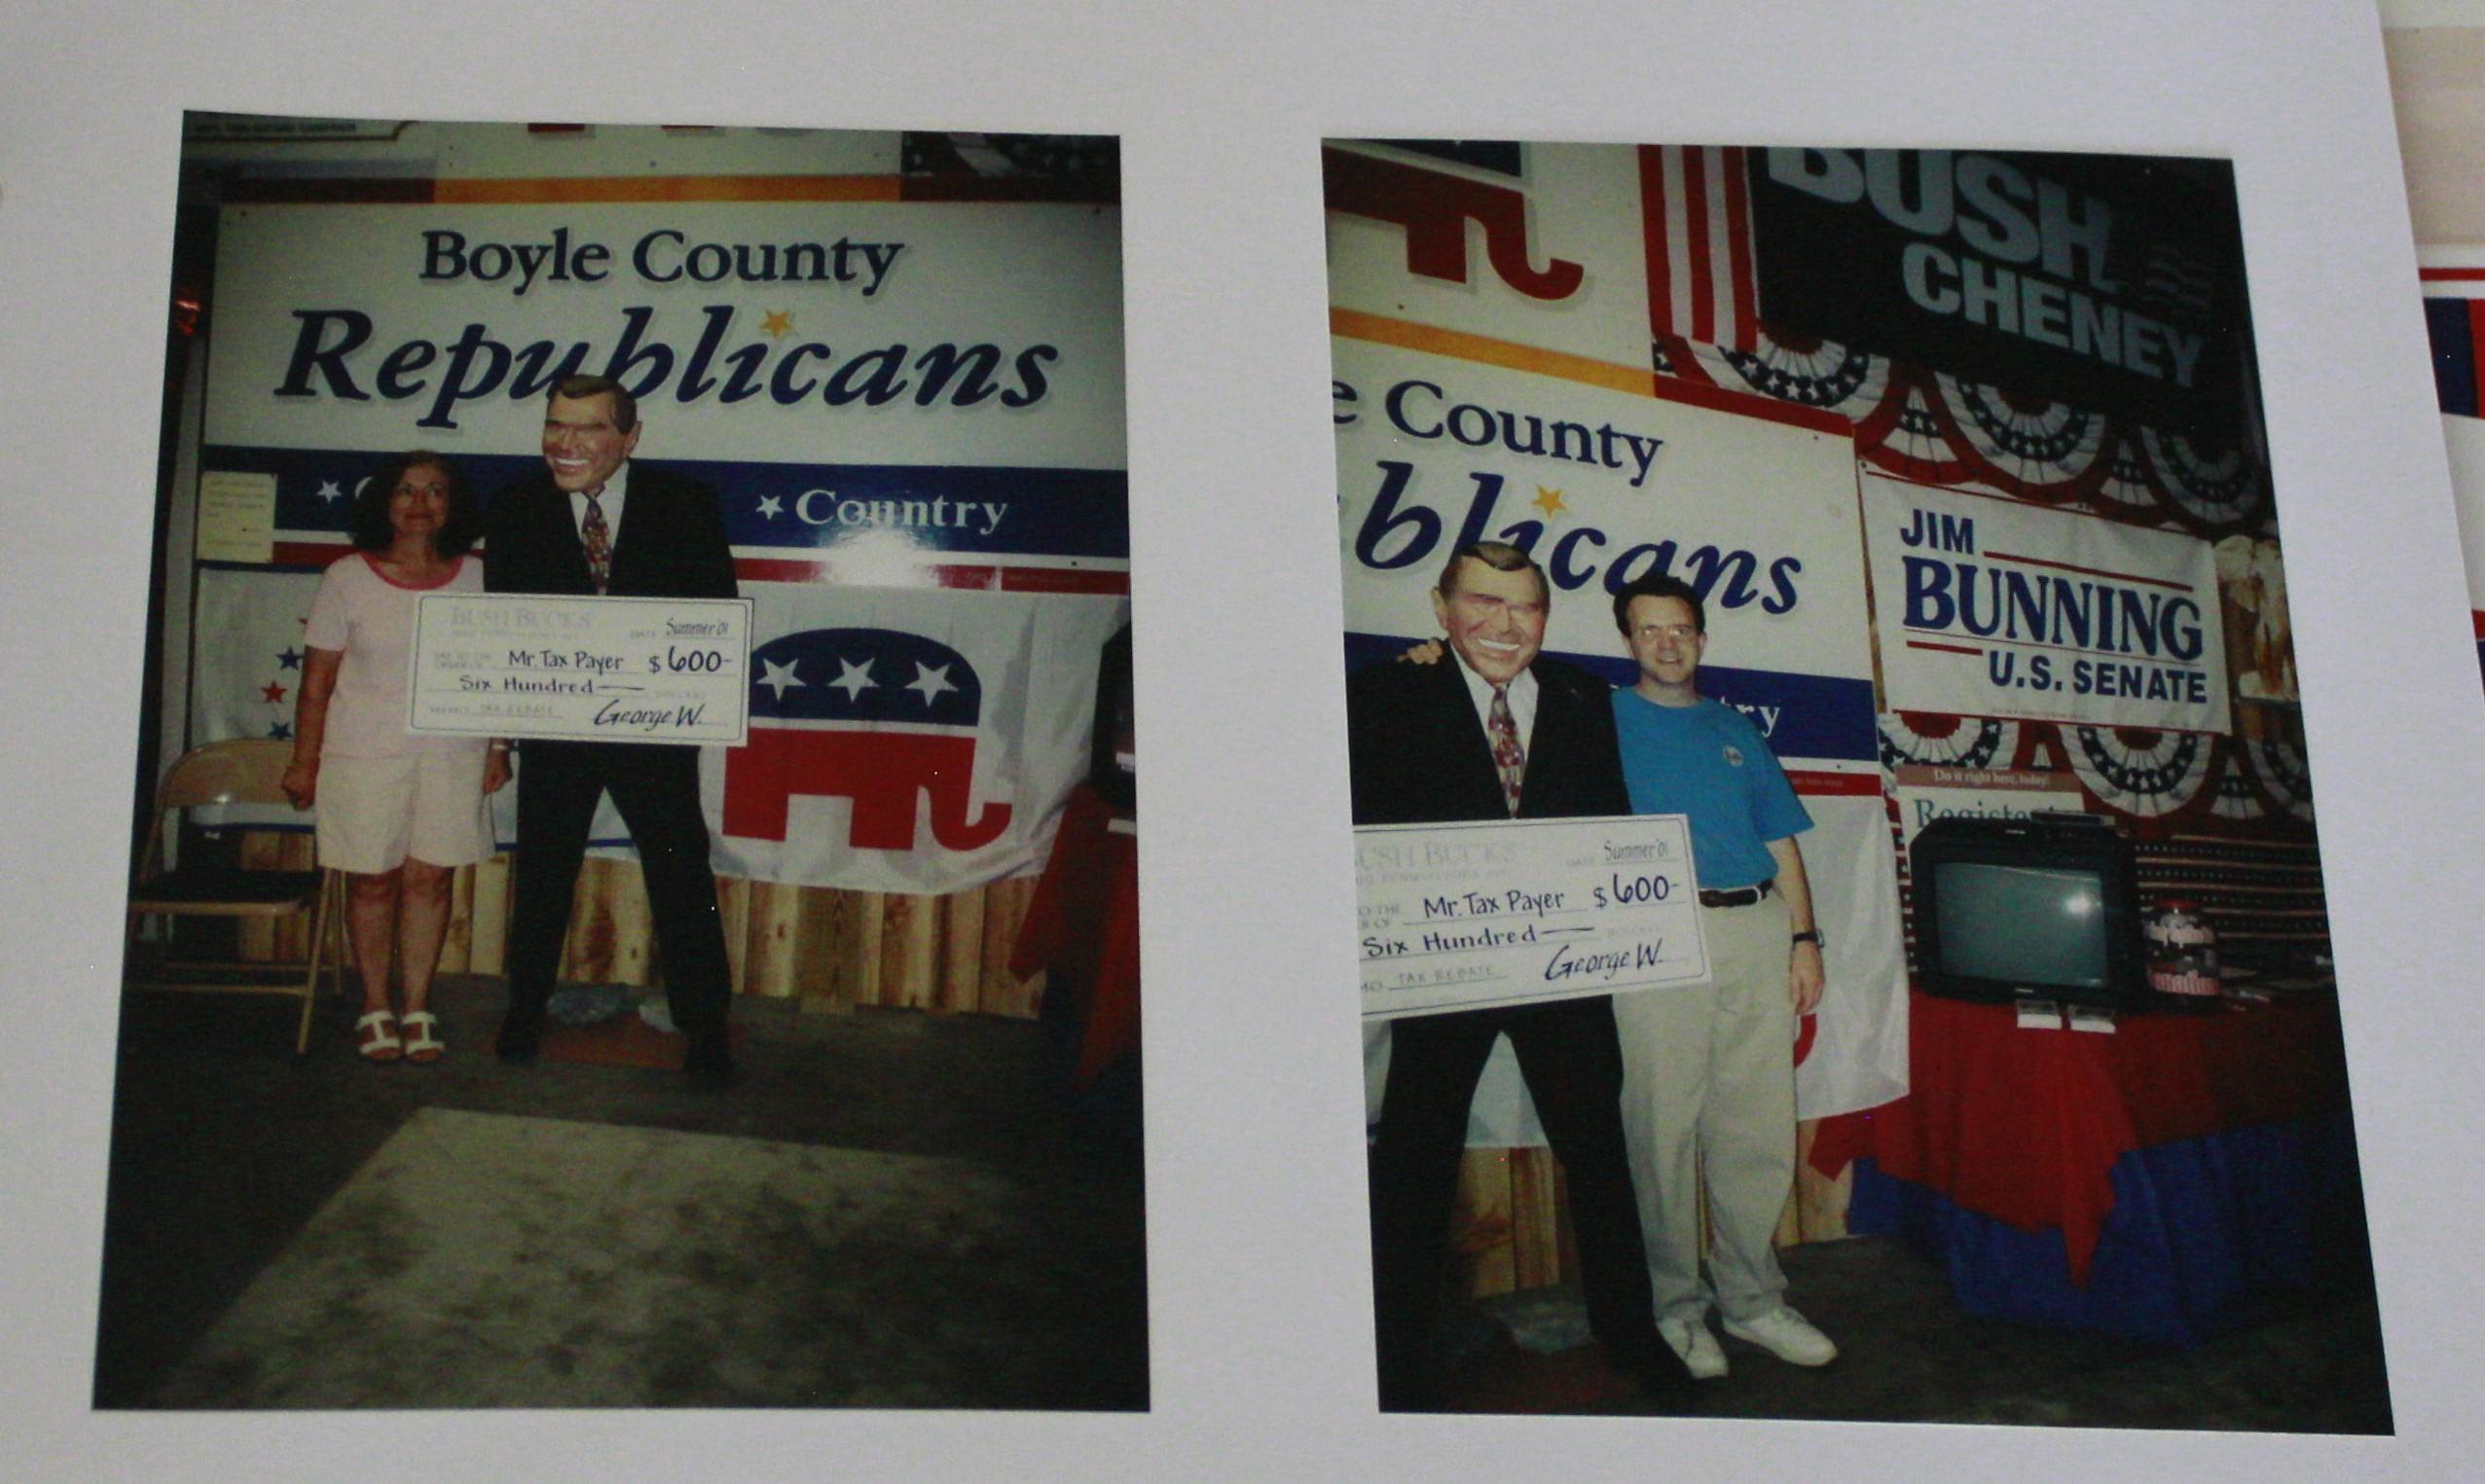 Kentucky Republican Party